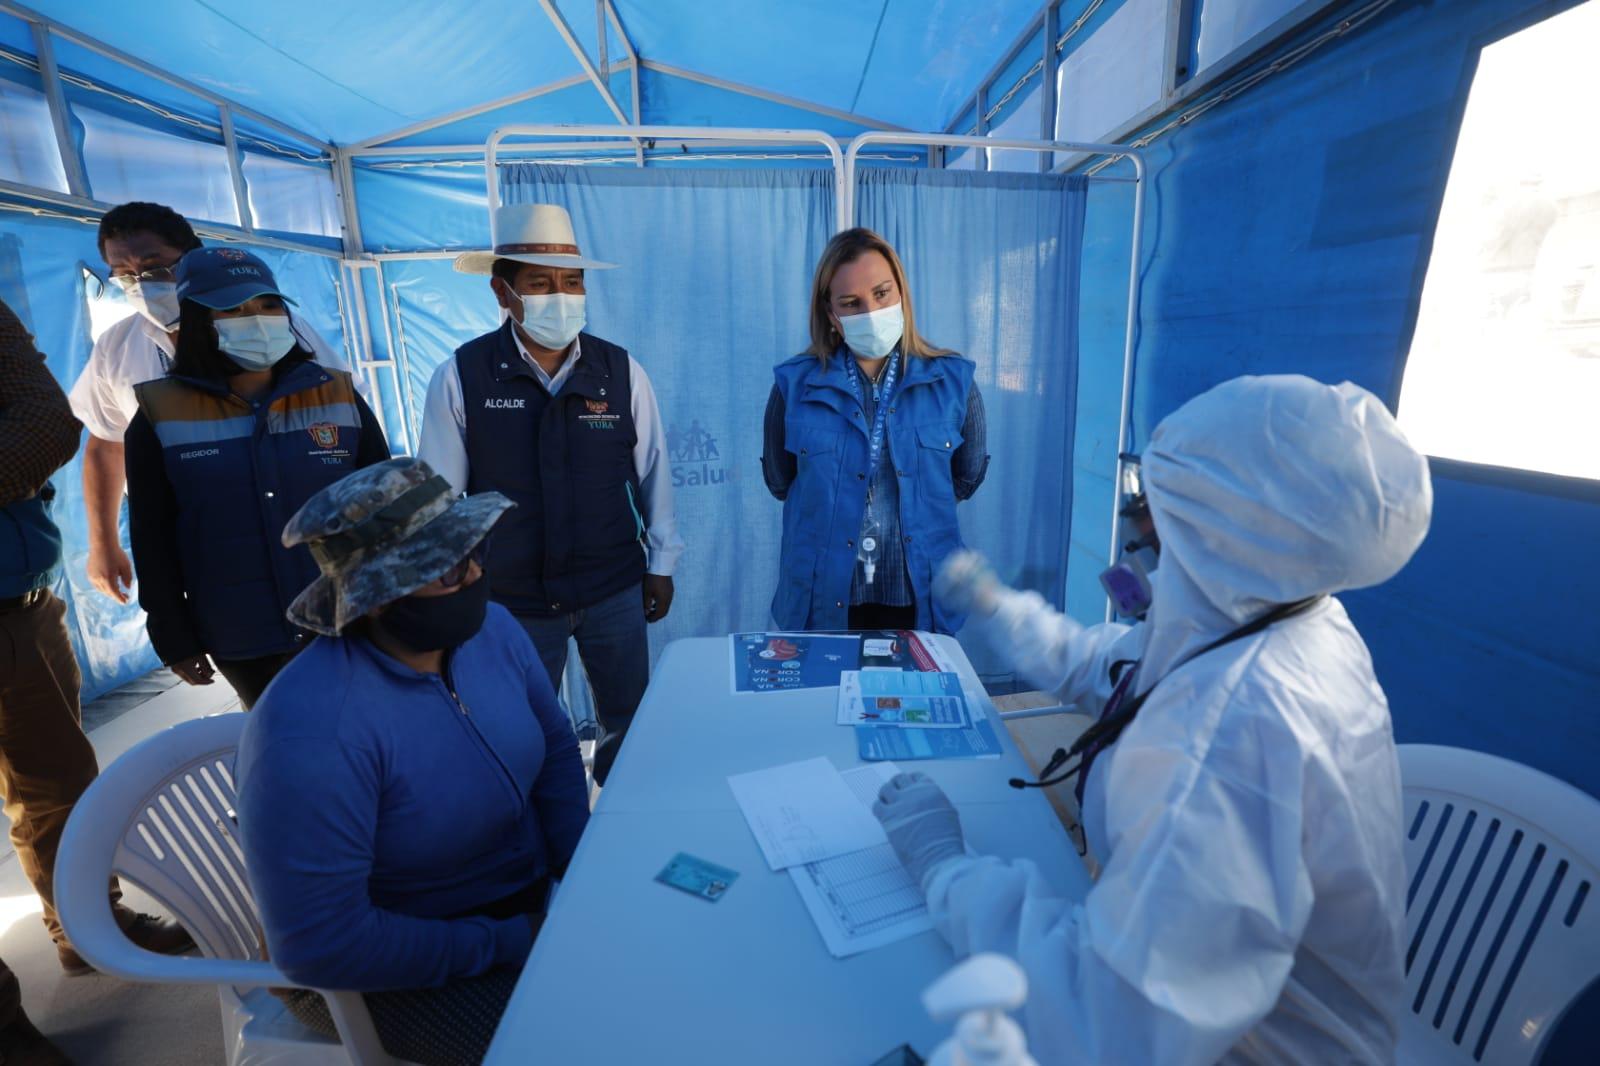 Essalud - Presidenta de EsSalud Fiorella Molinelli llega a Arequipa para reforzar atención primaria y continuar acciones preventivas masivas contra el Covid 19.